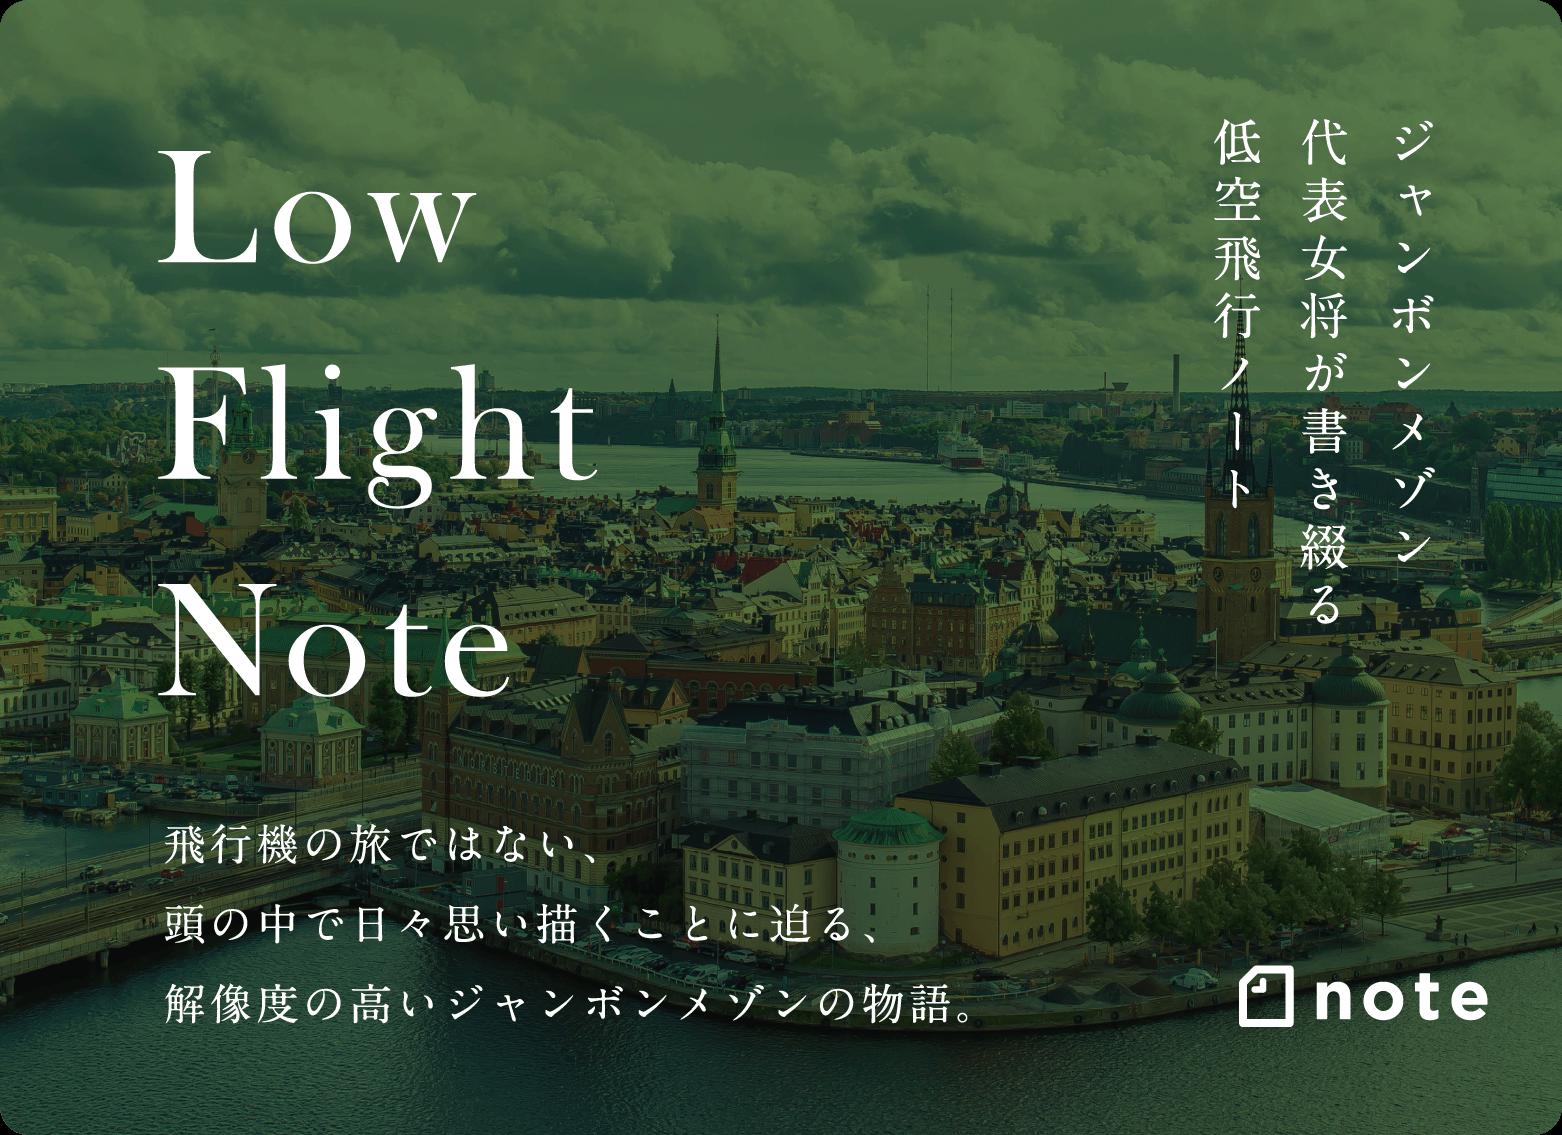 ジャンボンメゾン代表女将が書き綴る低空飛行ノート